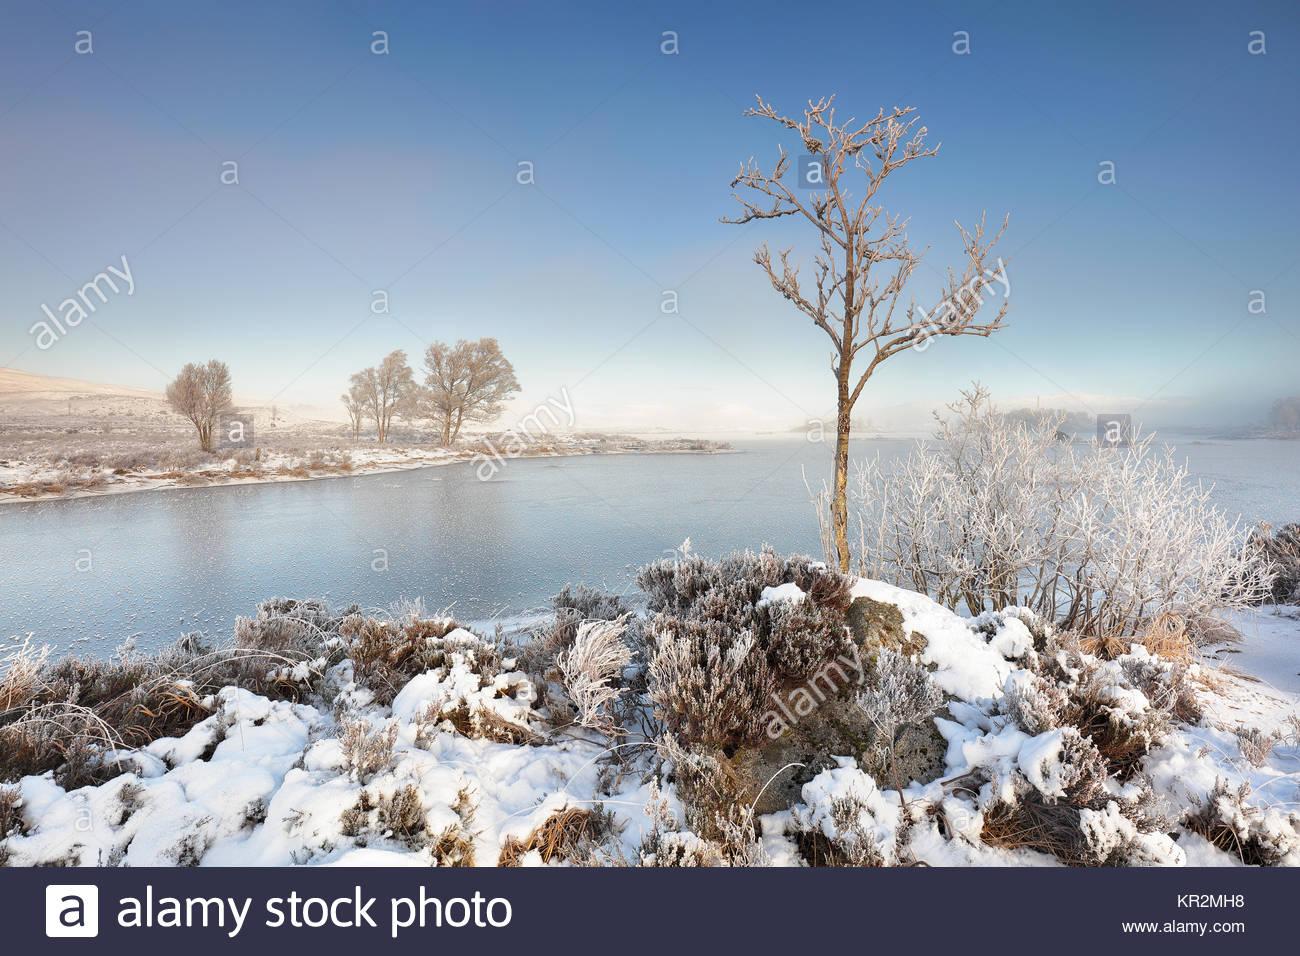 Un lago congelado ba en un cubiertas de nieve, Misty mañana invernal, Rannoch Moor. Foto de stock